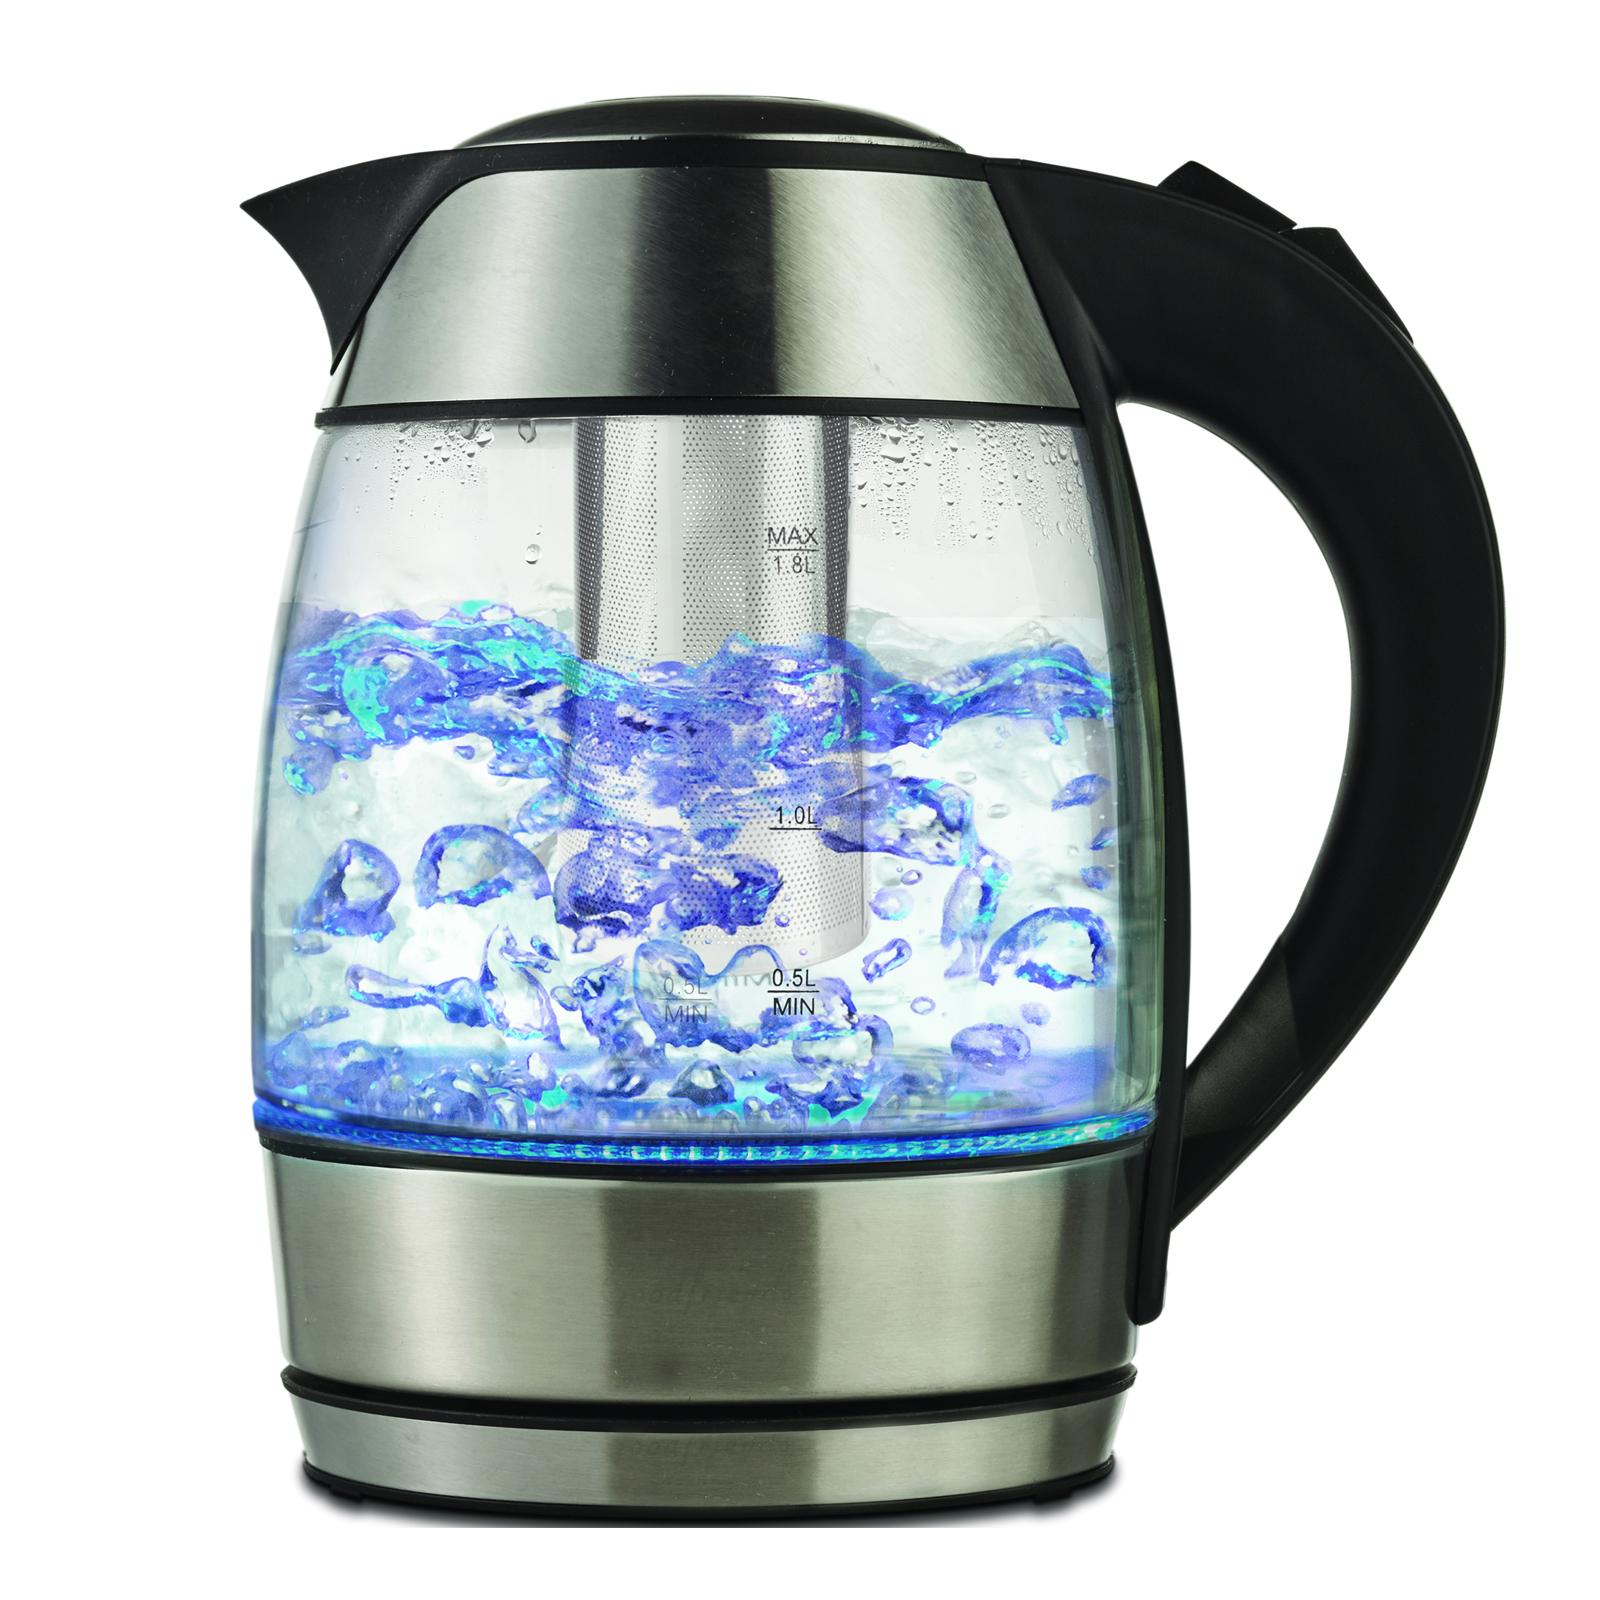 Brentwood 97094450M 1.8 L Borosilicate Glass Tea Kettles with Tea infuser PartNumber: SPM9650199822 KsnValue: 7492270 MfgPartNumber: 97094450M